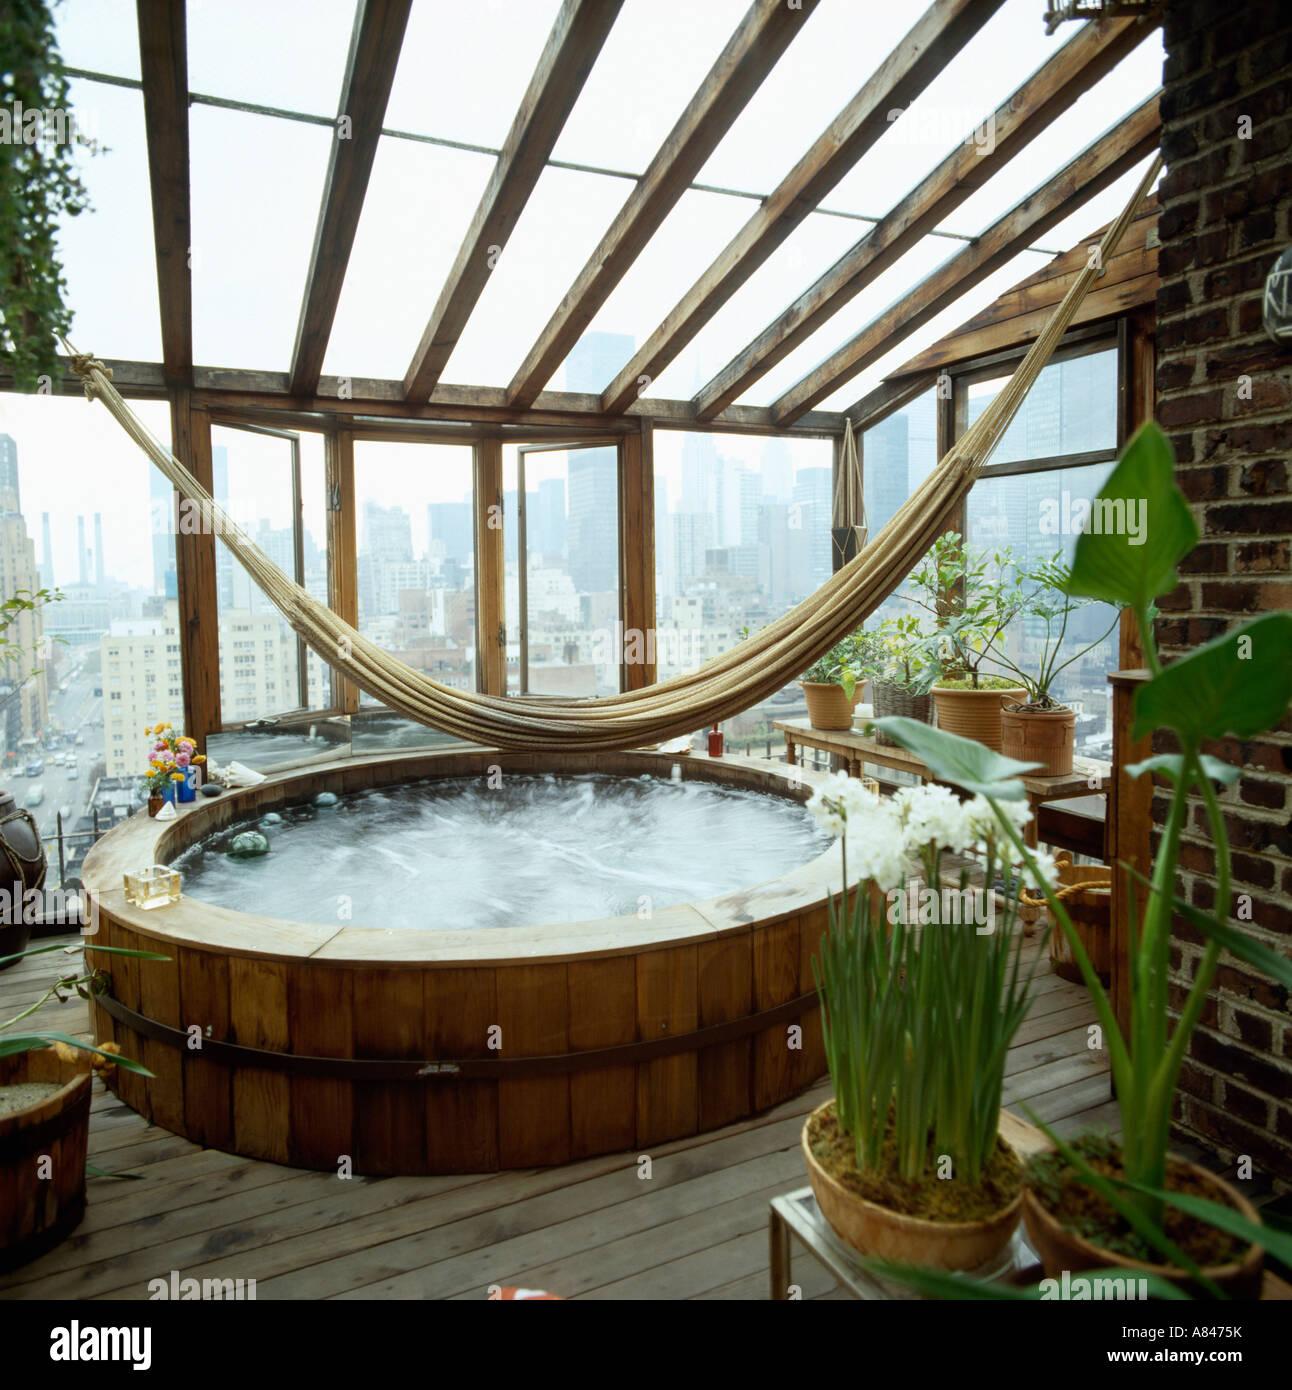 Hängematte über dem Whirlpool im Wintergarten Badezimmer mit Blick ...